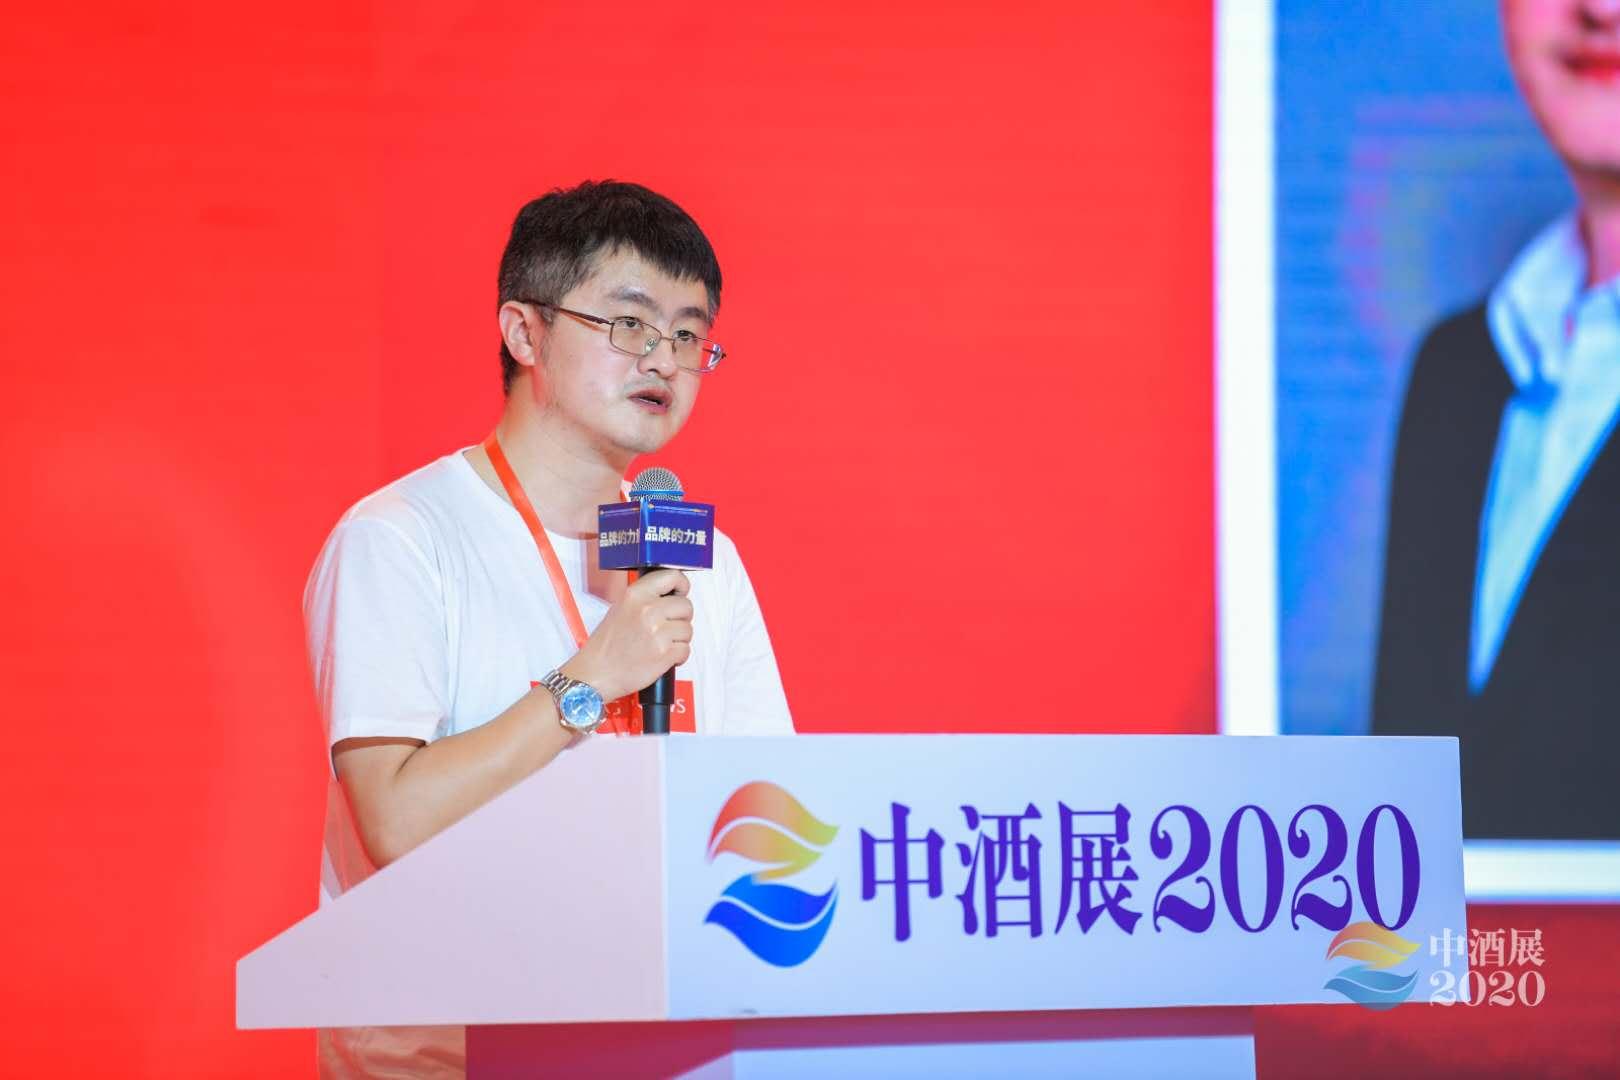 何健秋:2020年下半场,如何迎接高质量发展?